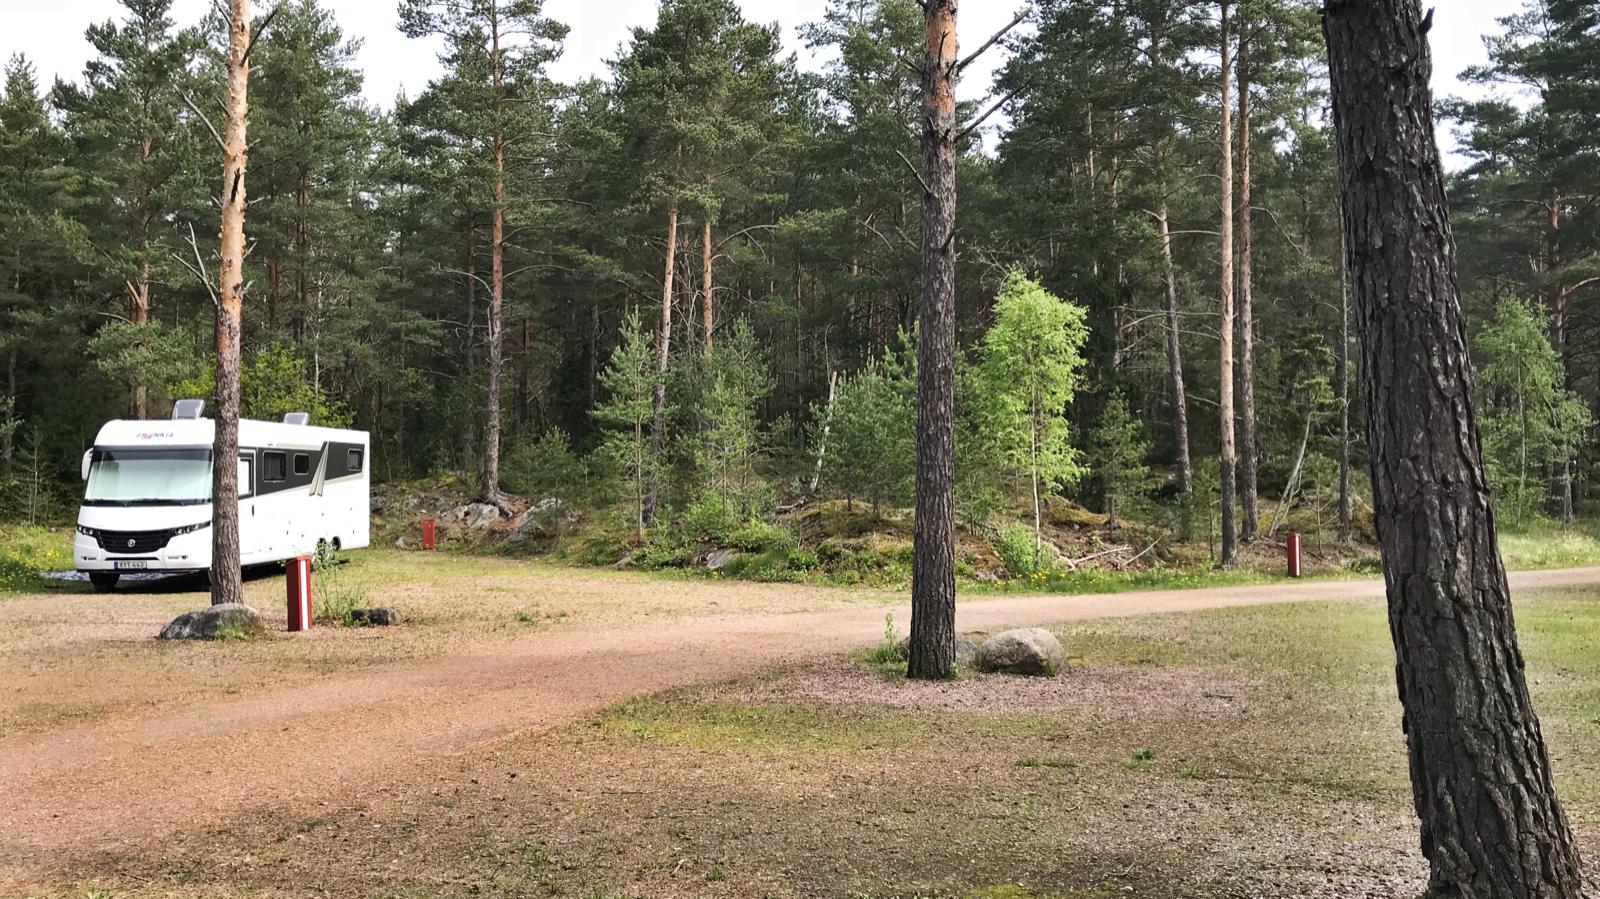 läckö camping